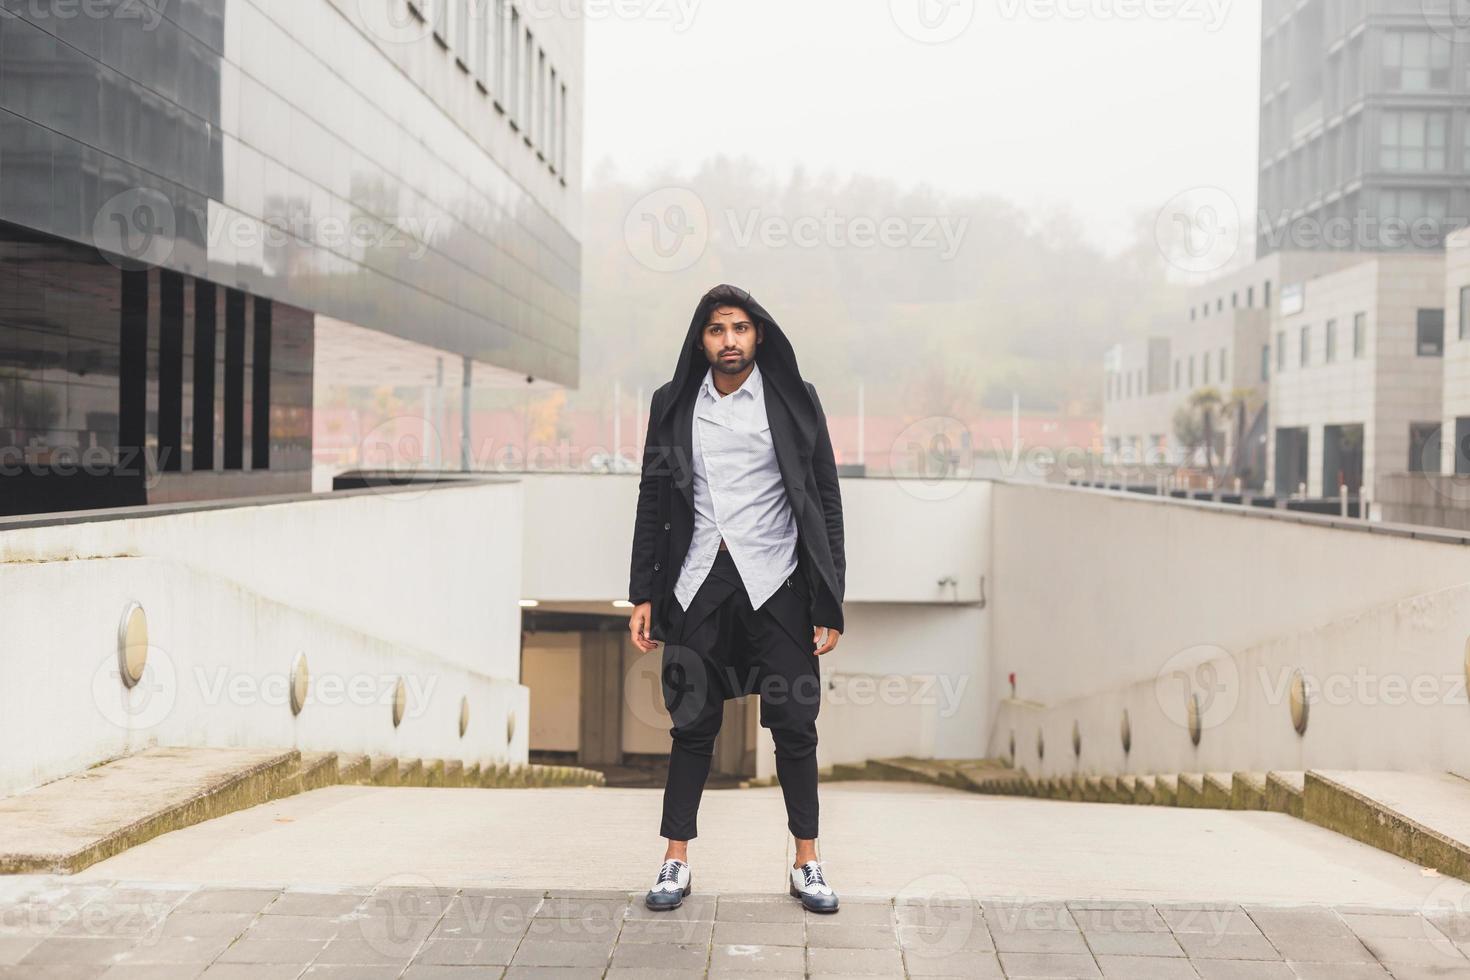 schöner indischer Mann, der in einem städtischen Kontext aufwirft foto